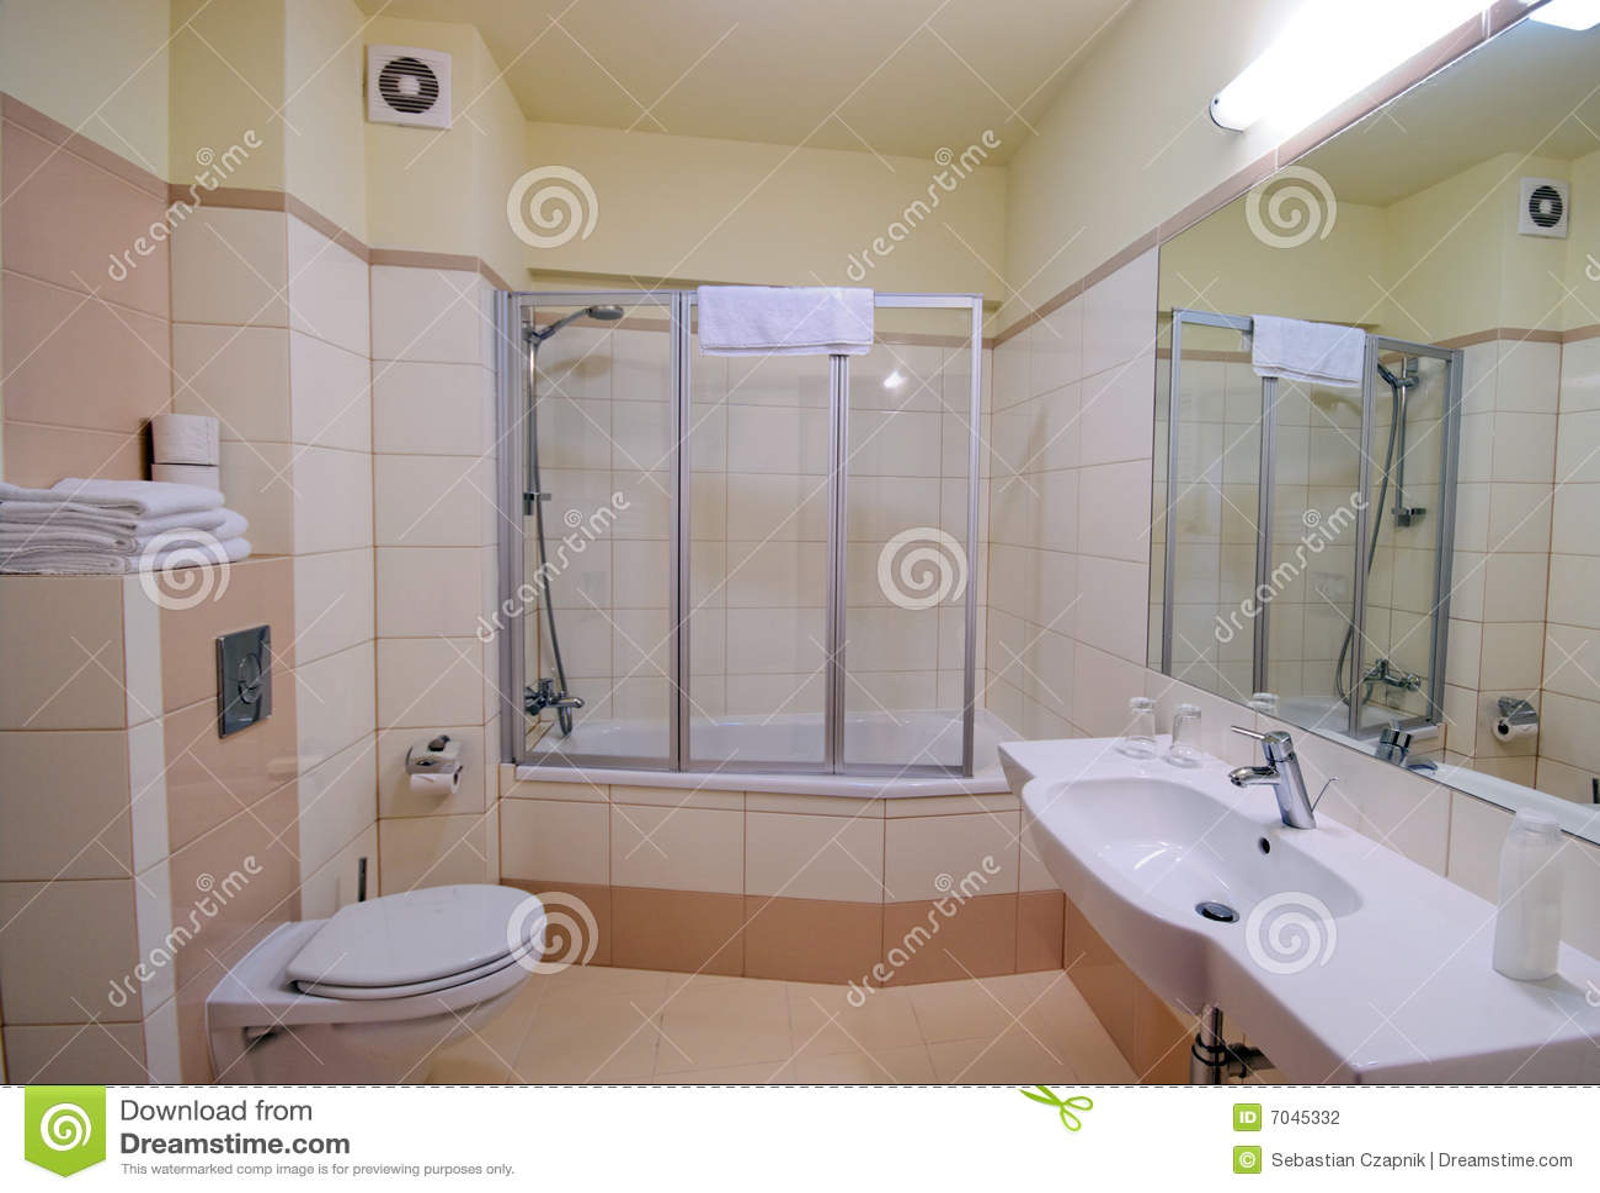 imagenes cuartos de baño con ducha ~ dikidu